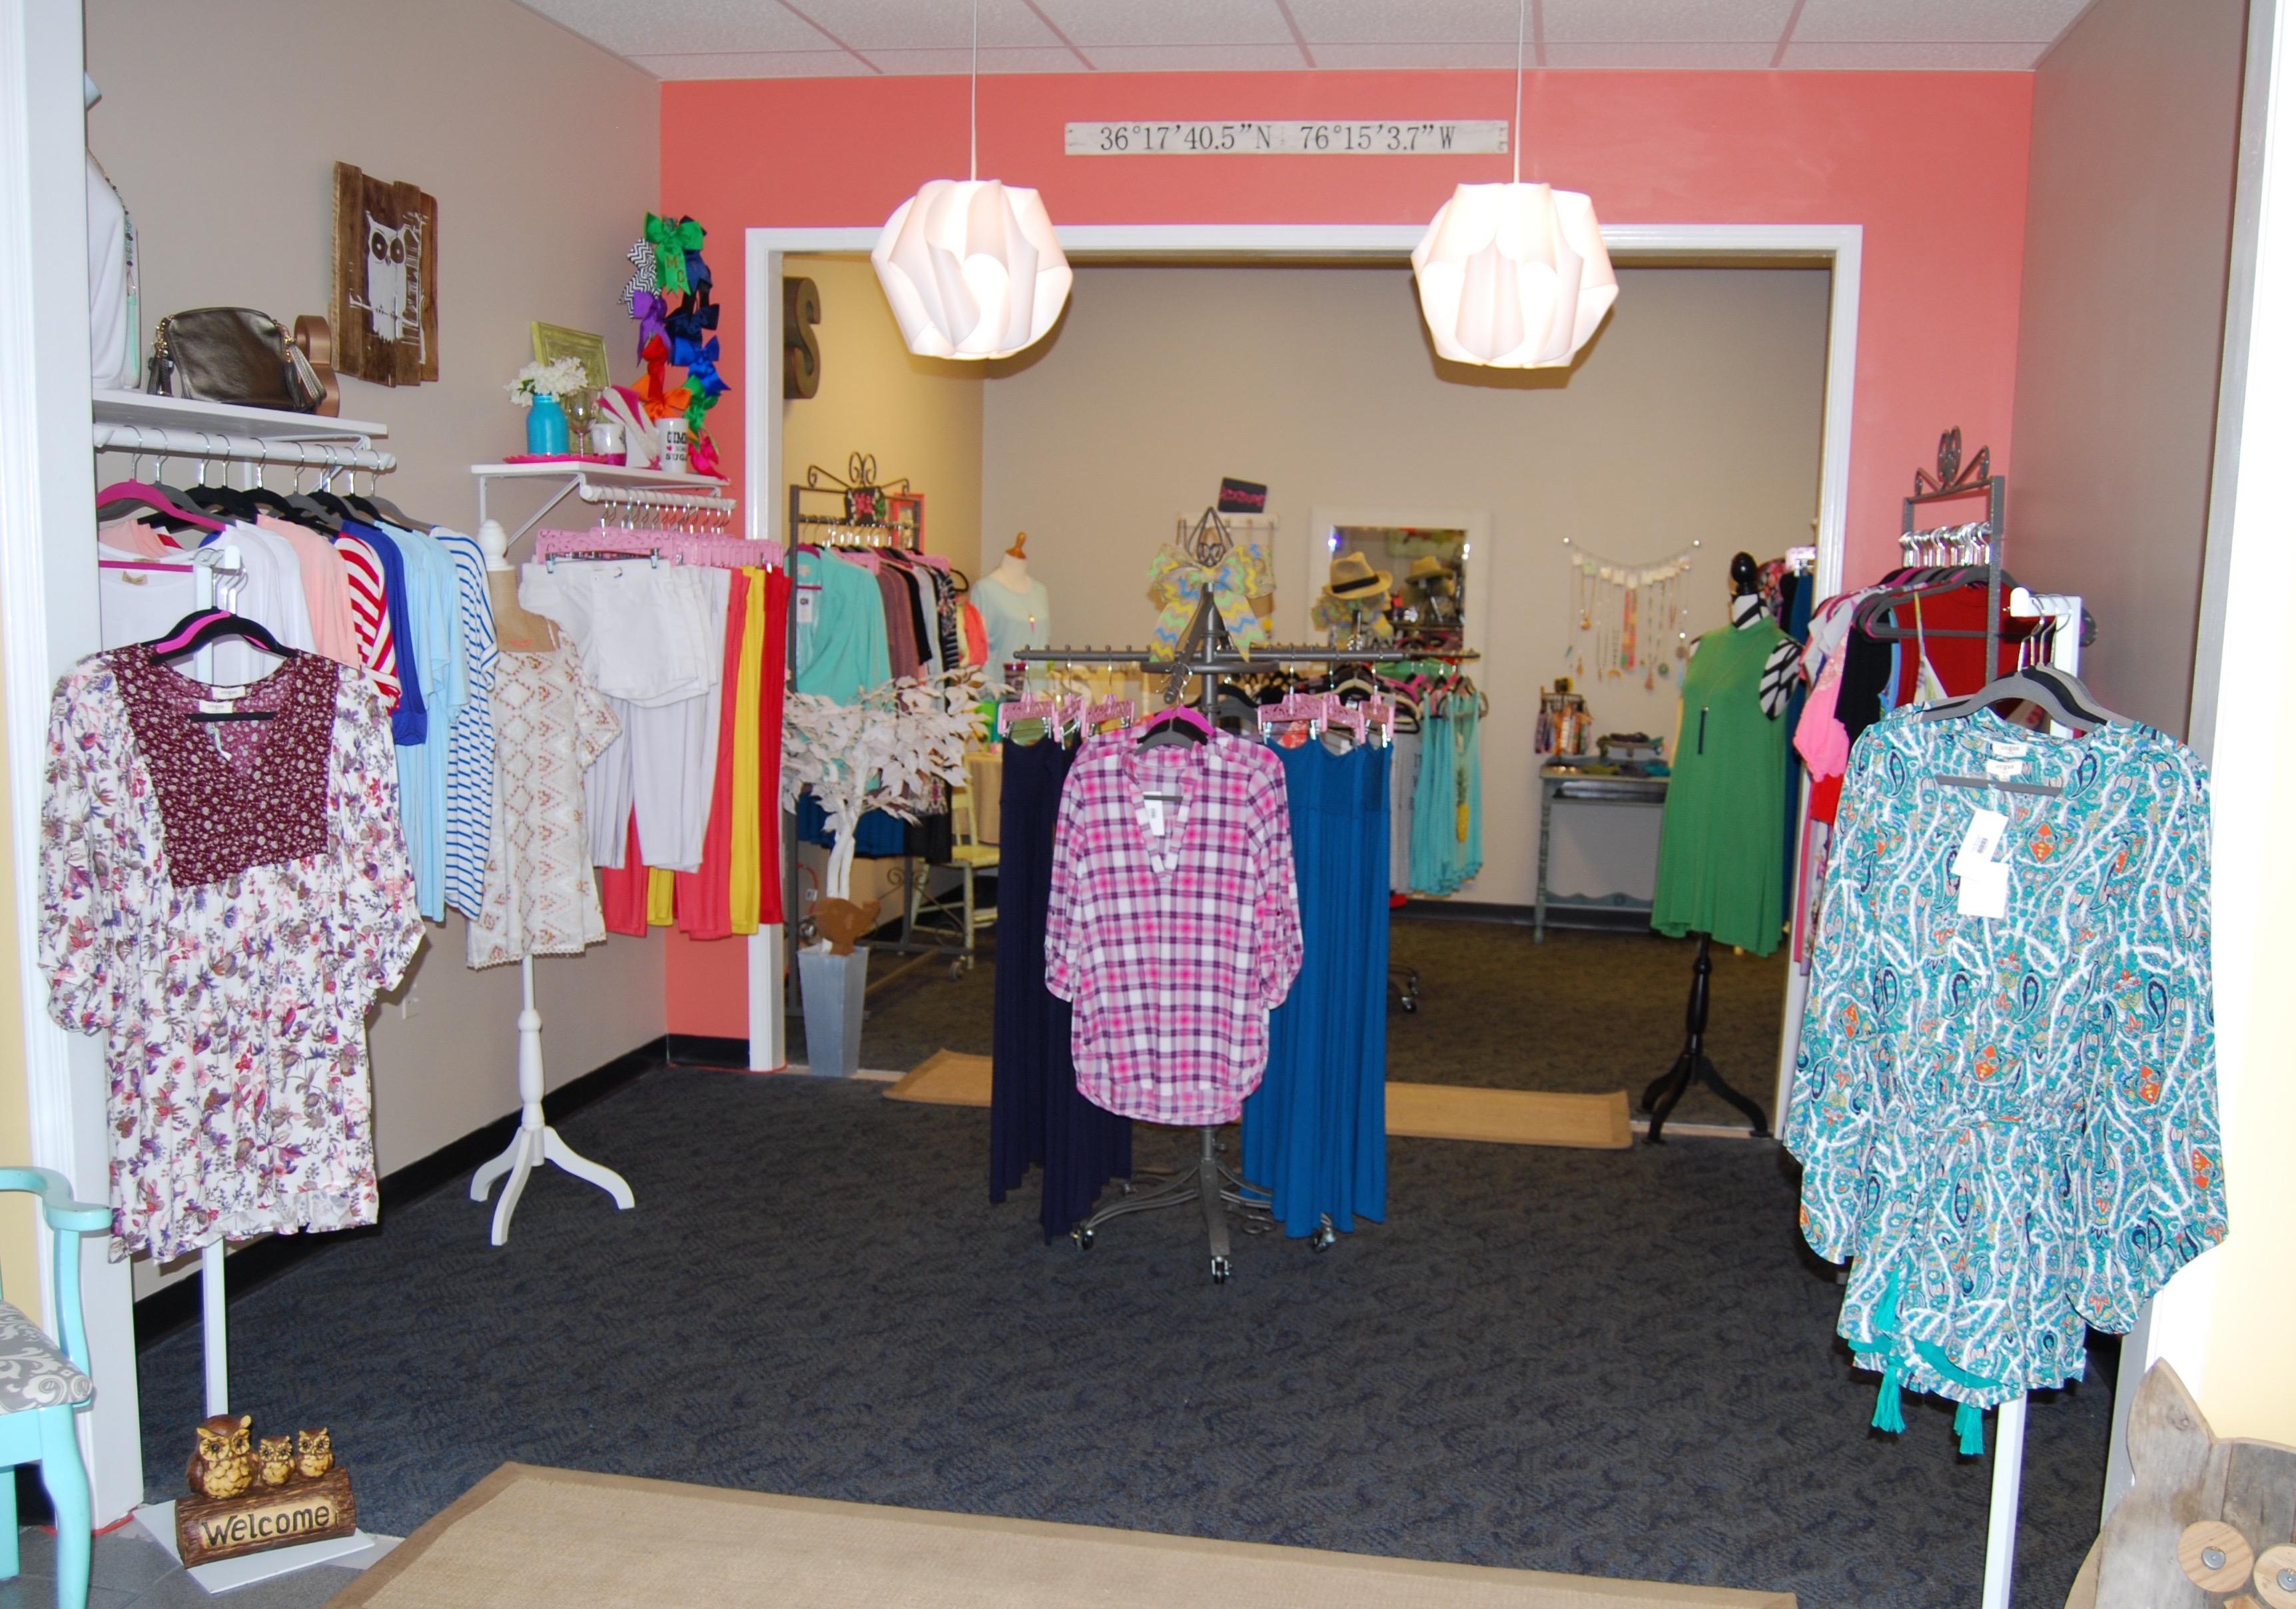 Sassy clothing store